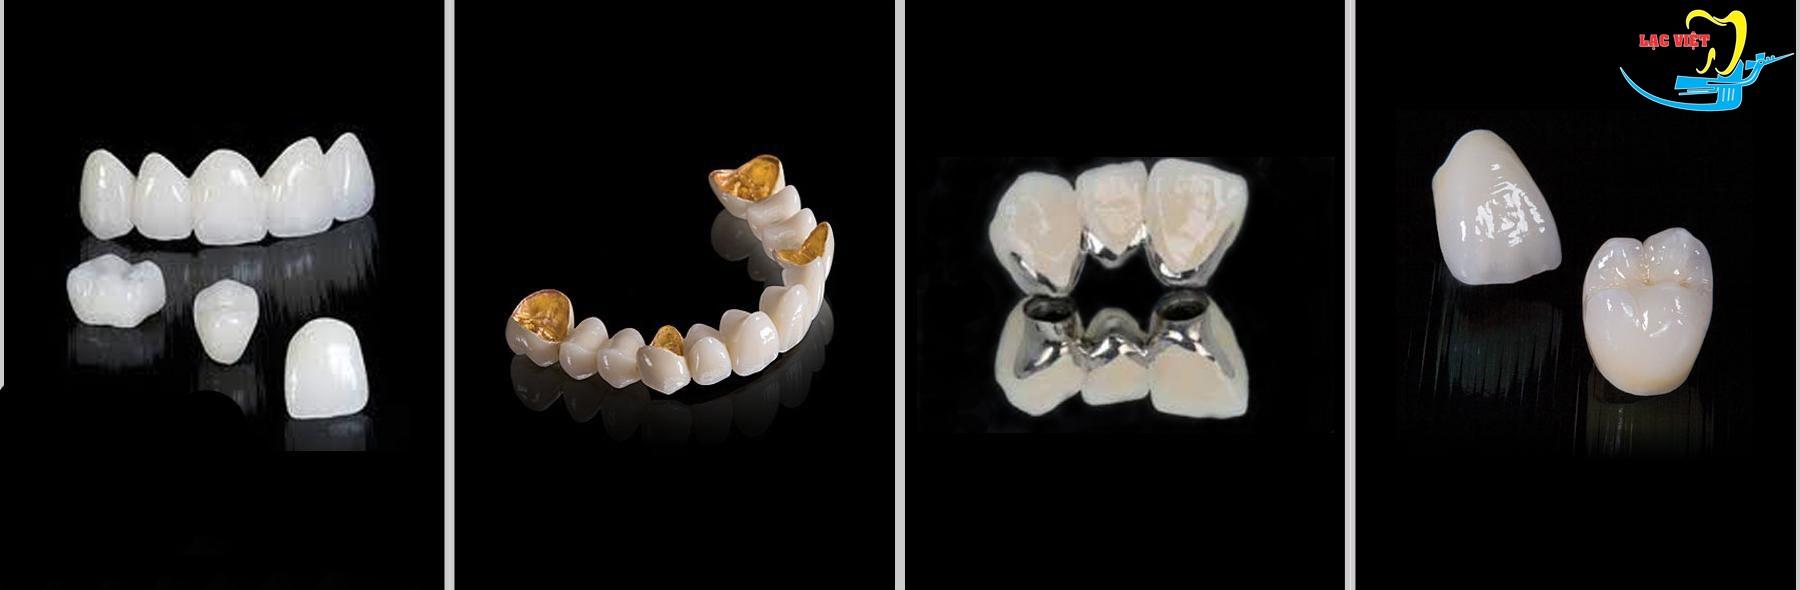 nên trồng răng giả loại nào cần căn cứ vào vị trí răng cần phục hình